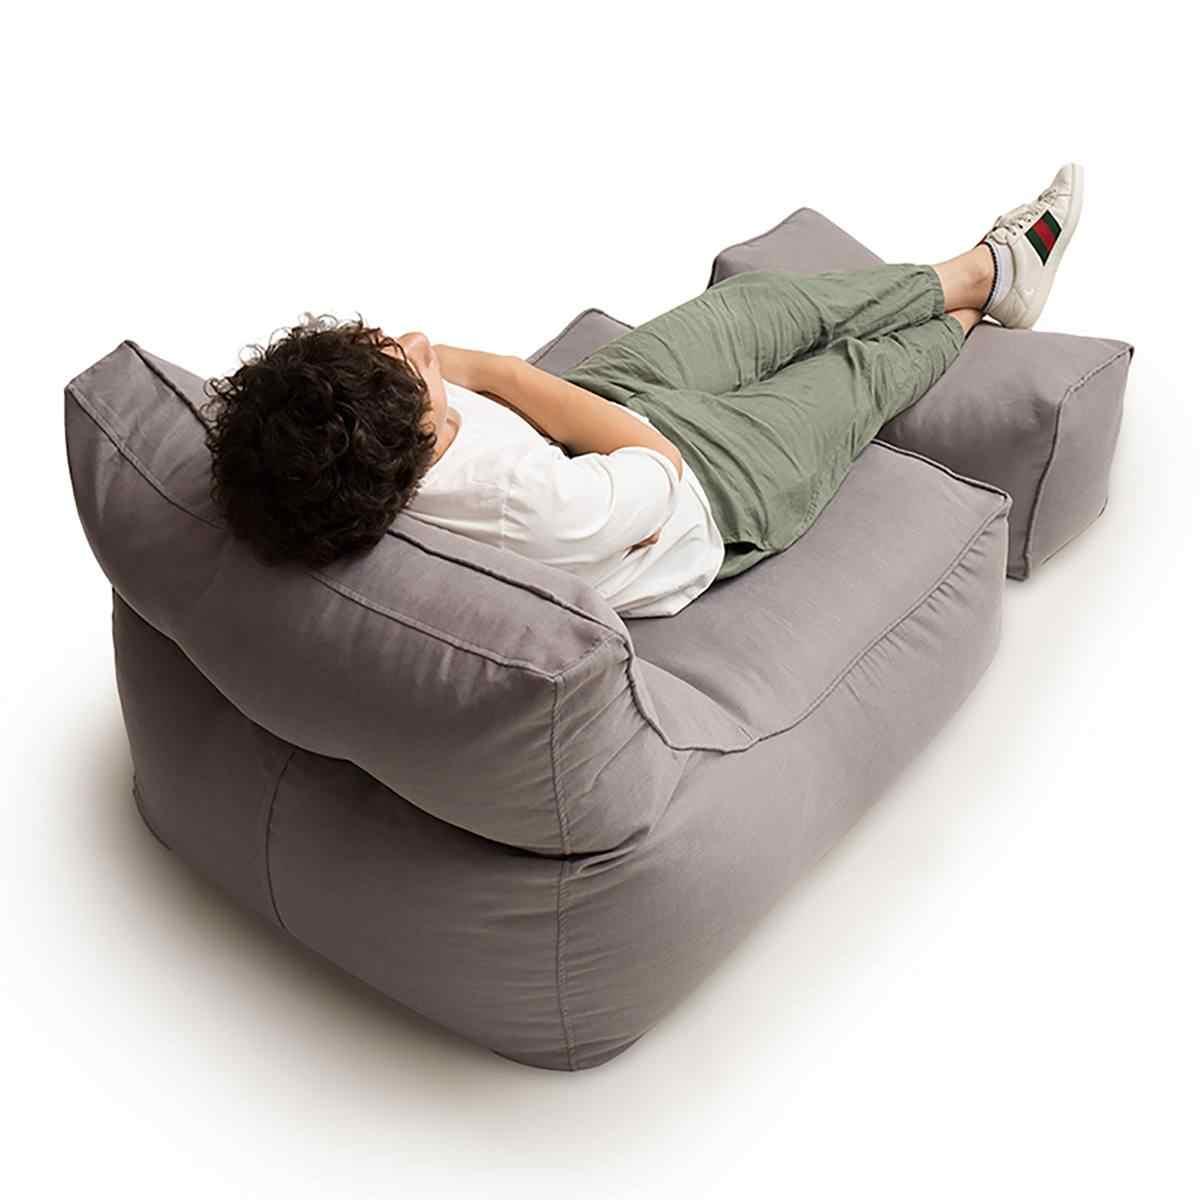 Preguiçoso Cadeira do Saco de Feijão Sofá de Linho de Algodão Cobrir Nenhum Sopro de Enchimento em Cores Sólidas Assento Pufe Espreguiçadeira Sofá para Casa escritório Do Partido Jogo